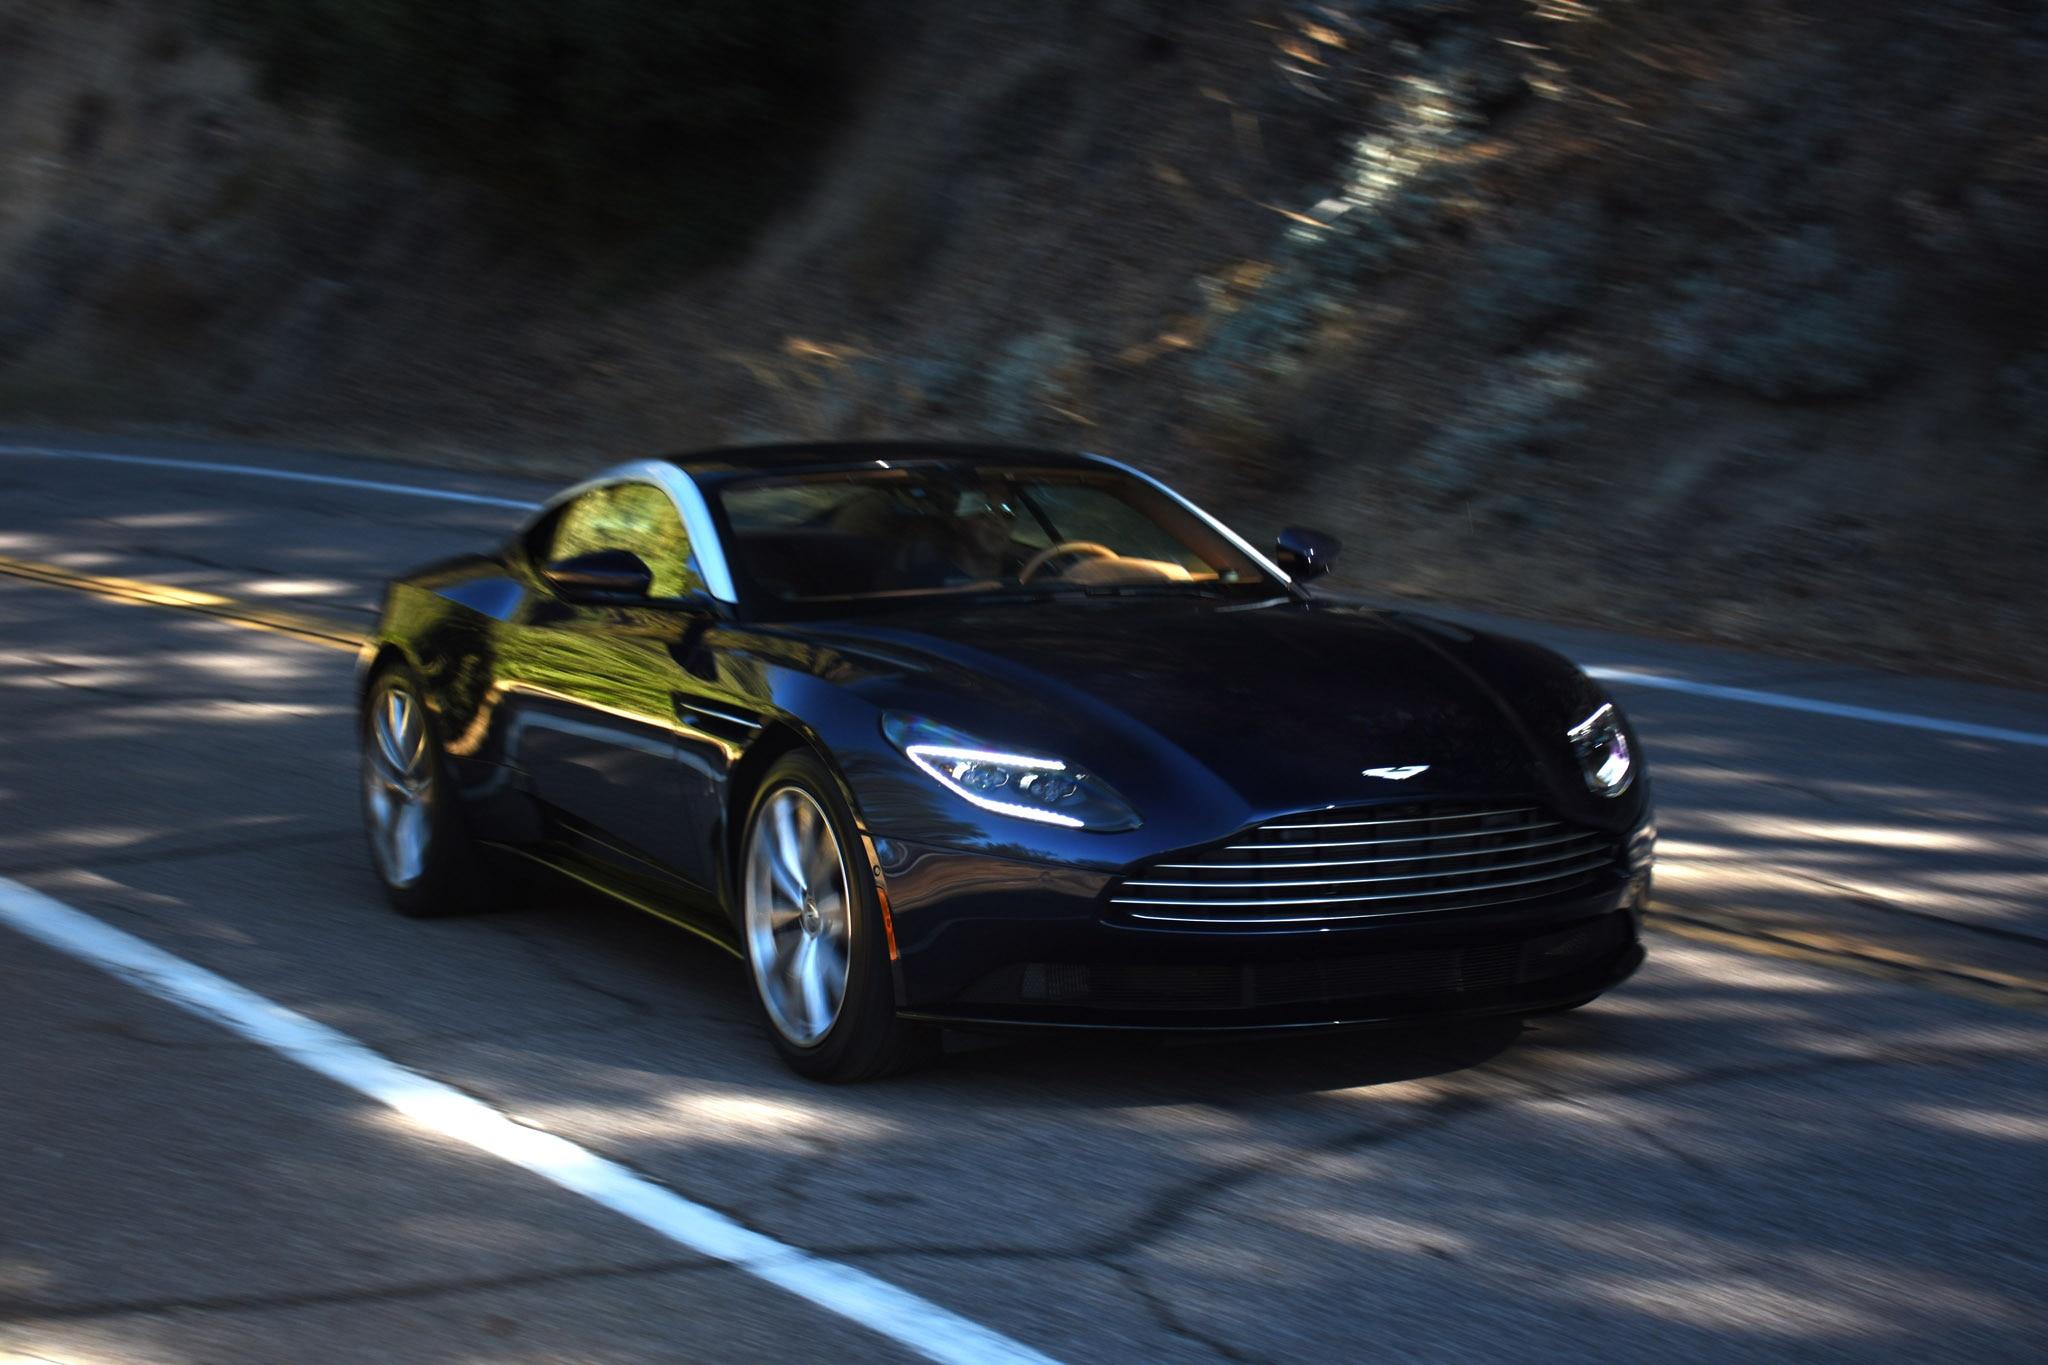 First Drive: 2018 Aston Martin DB11 V8 U.S. Spec